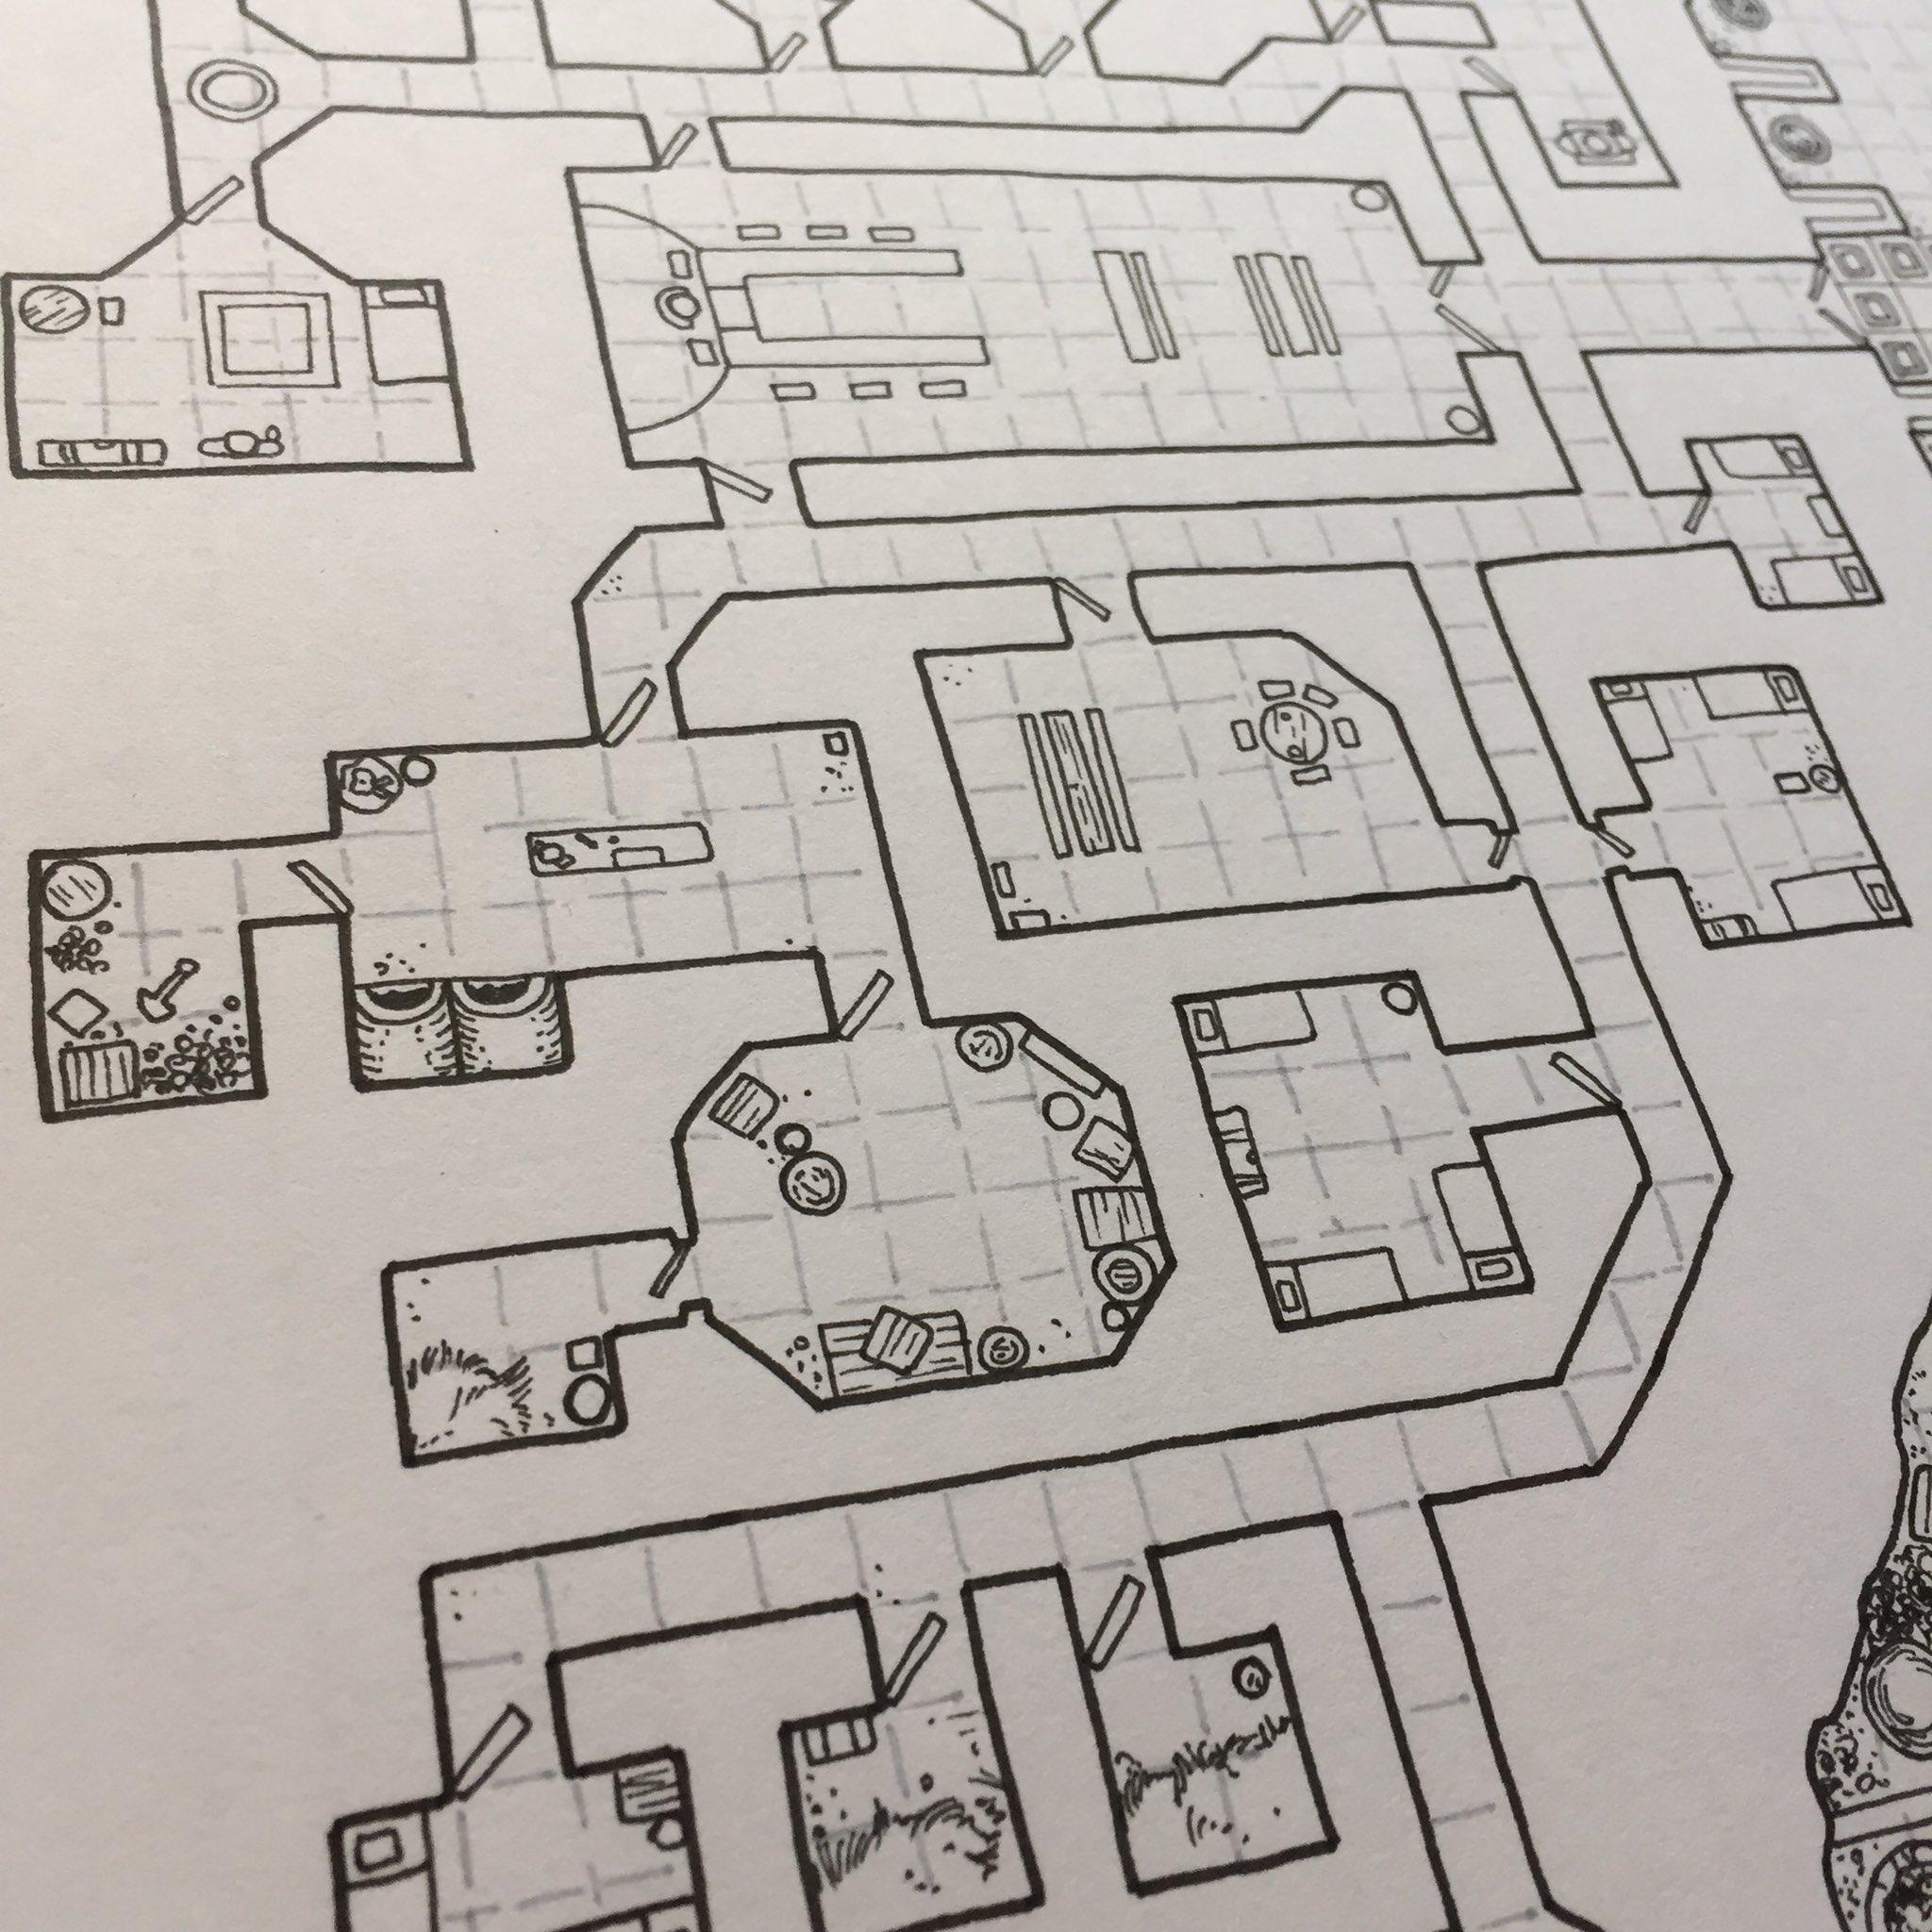 Dwarven Fortress Map - Sneak Peek